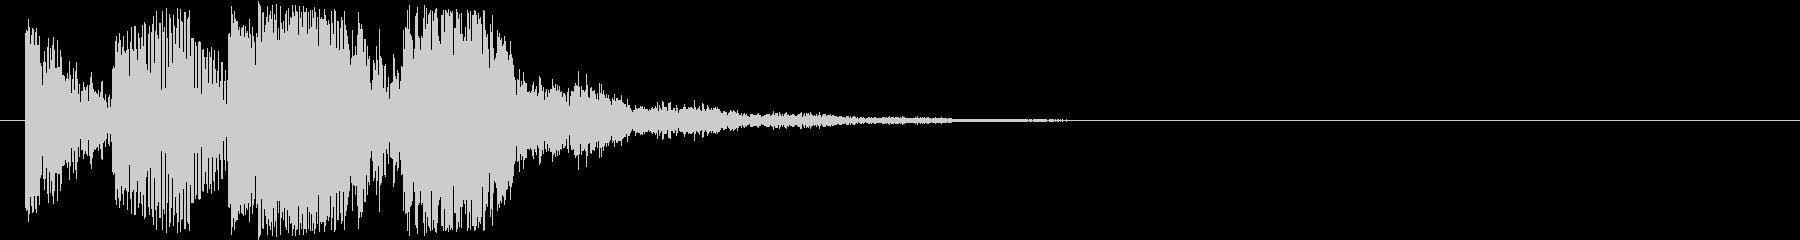 ズンズービーピコー…(トピック・テーマ)の未再生の波形